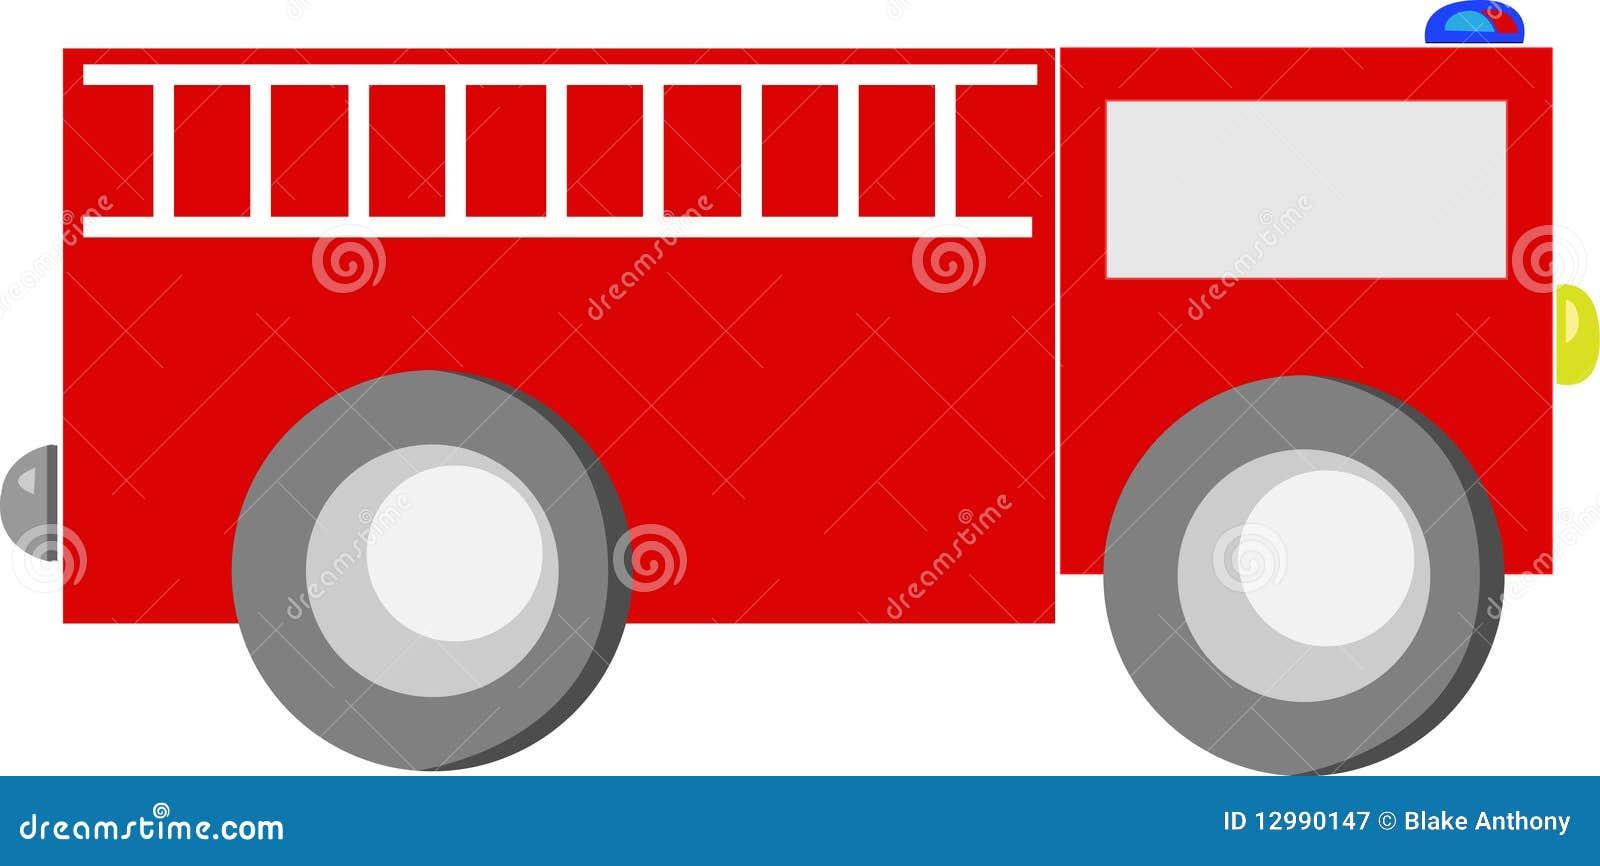 Fire Engine Red Cartoon Truck